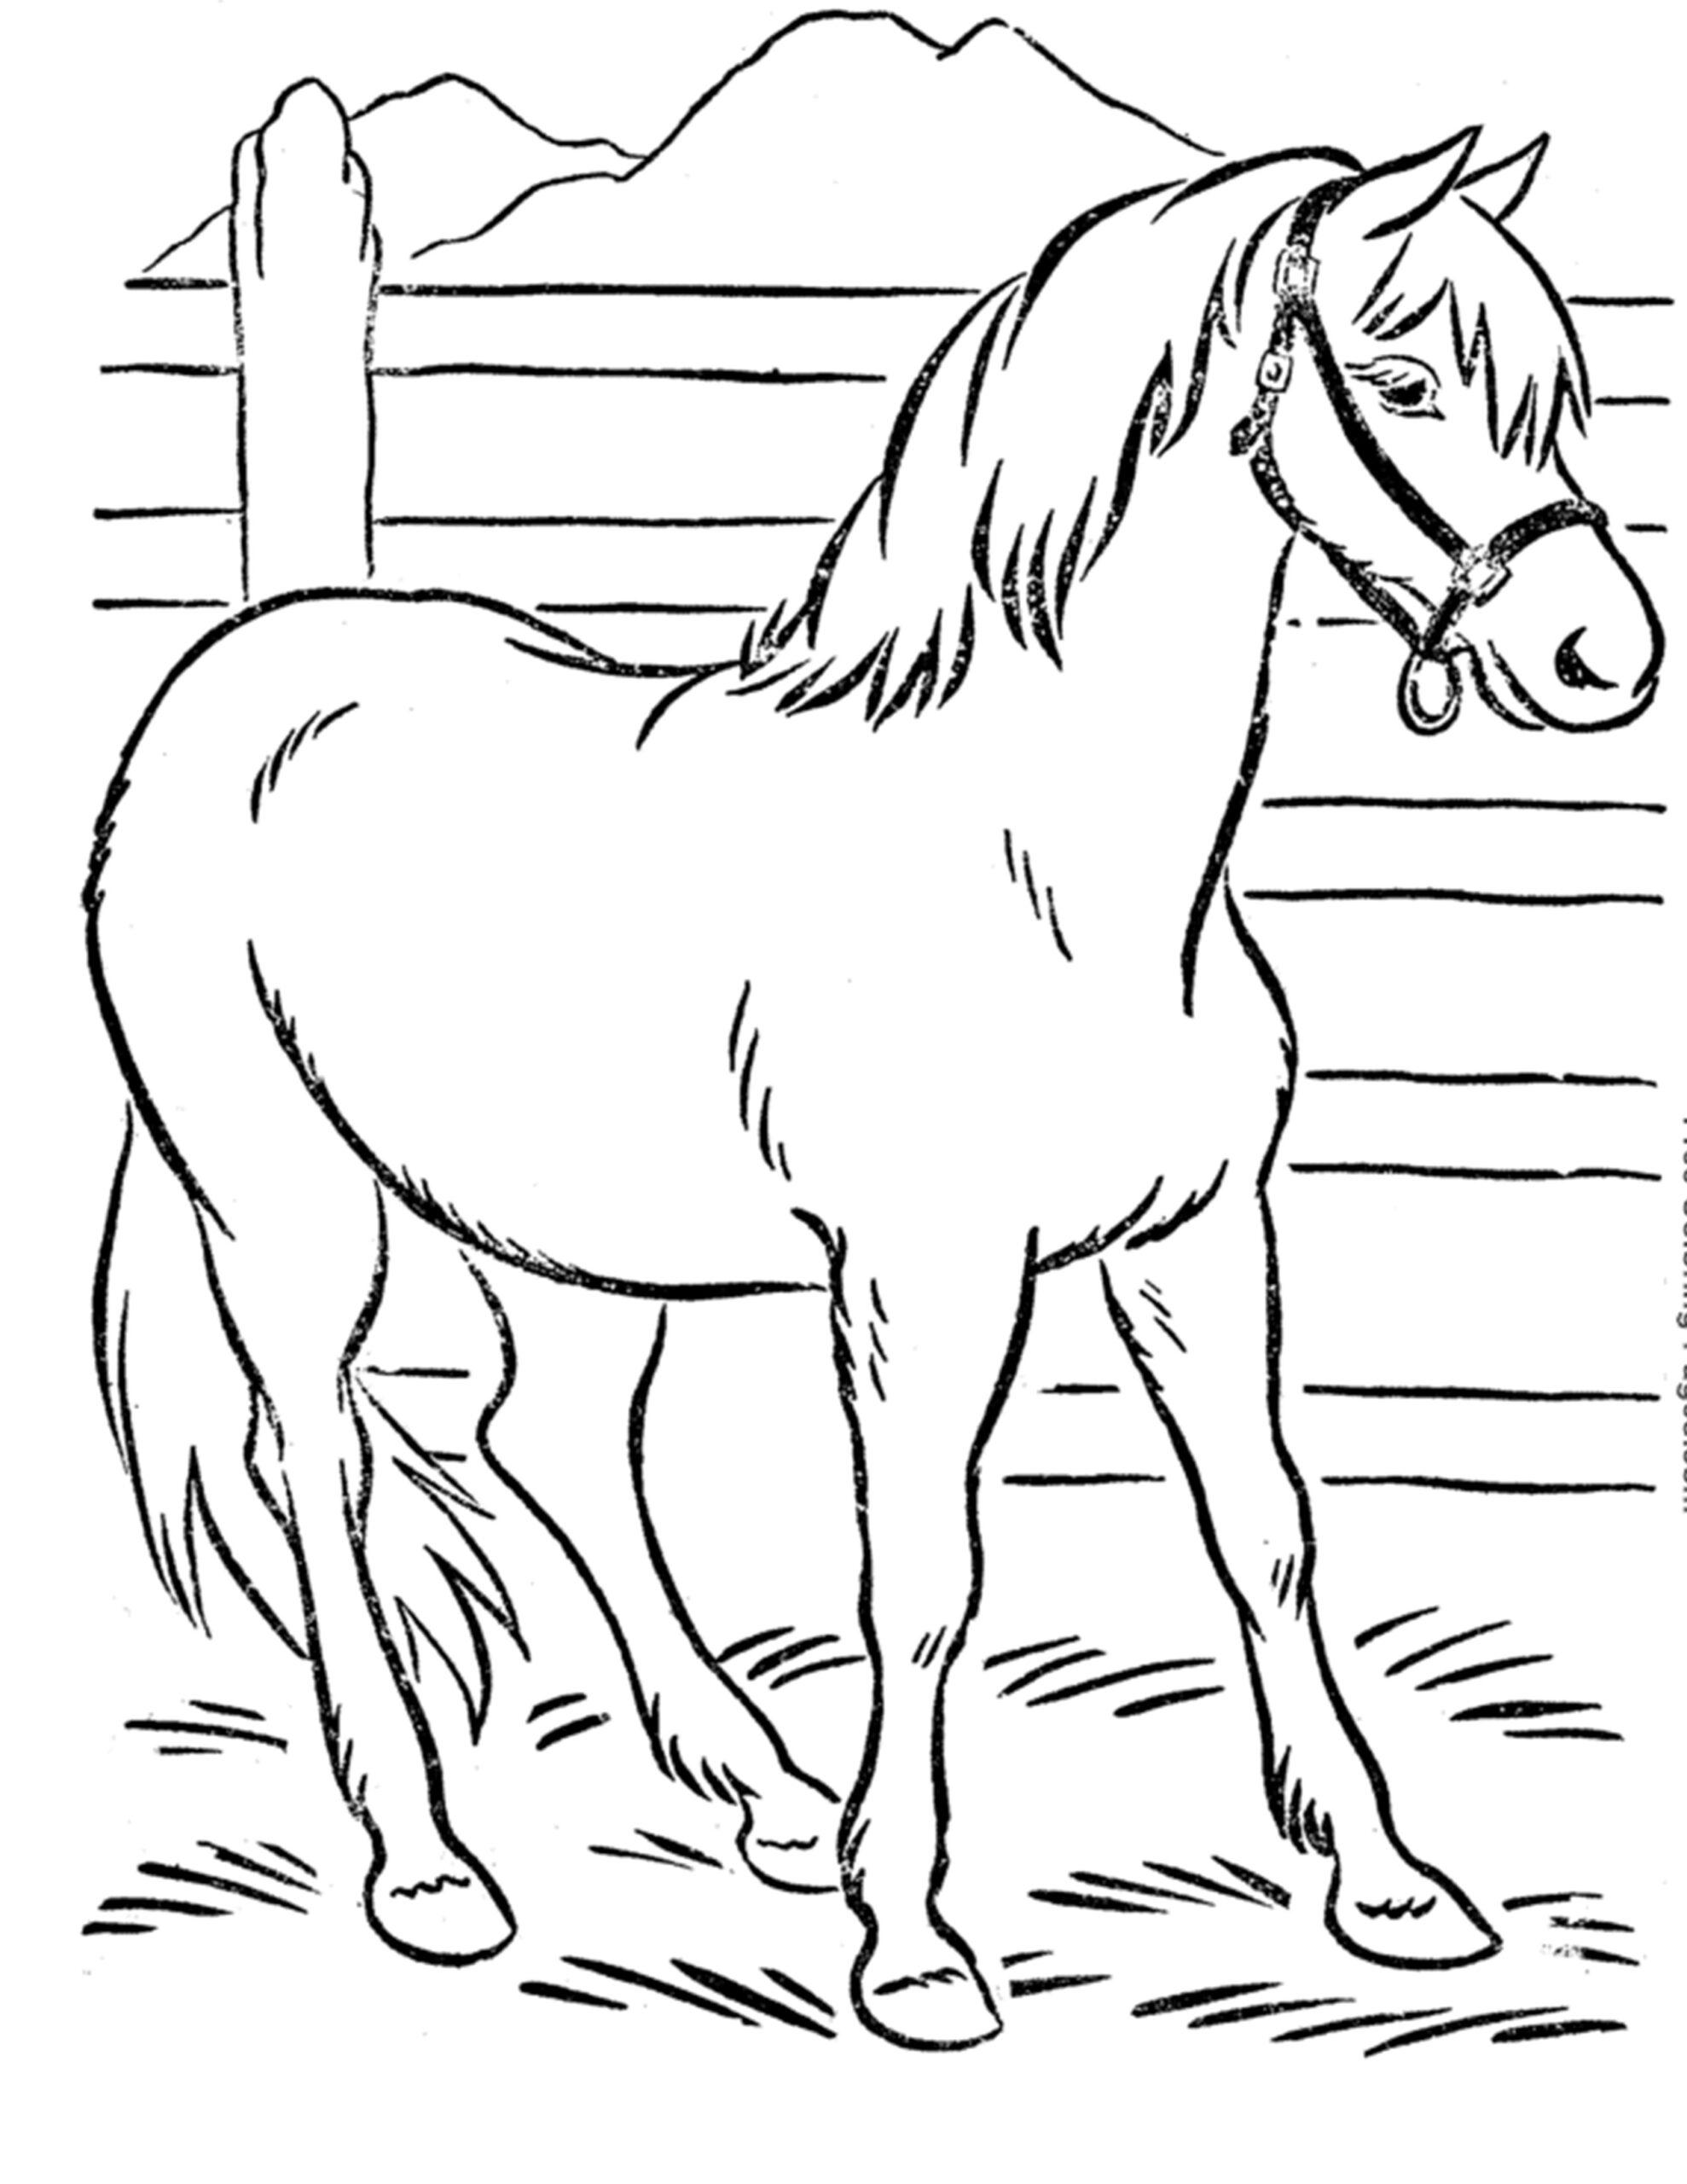 gratis paard inkleuren tekening